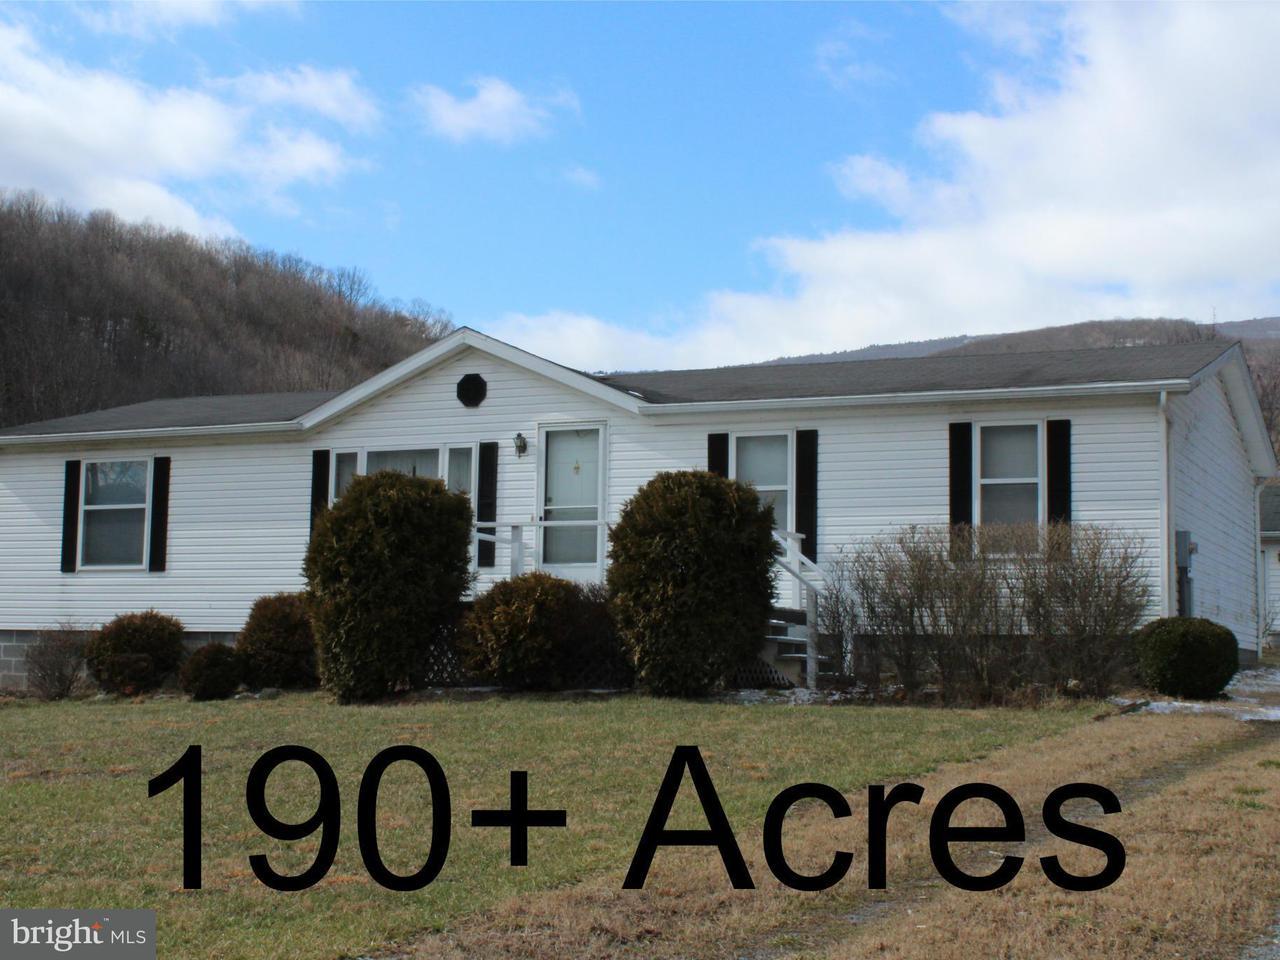 独户住宅 为 销售 在 449 LAUREL RUN Road 449 LAUREL RUN Road Mount Storm, 西弗吉尼亚州 26739 美国